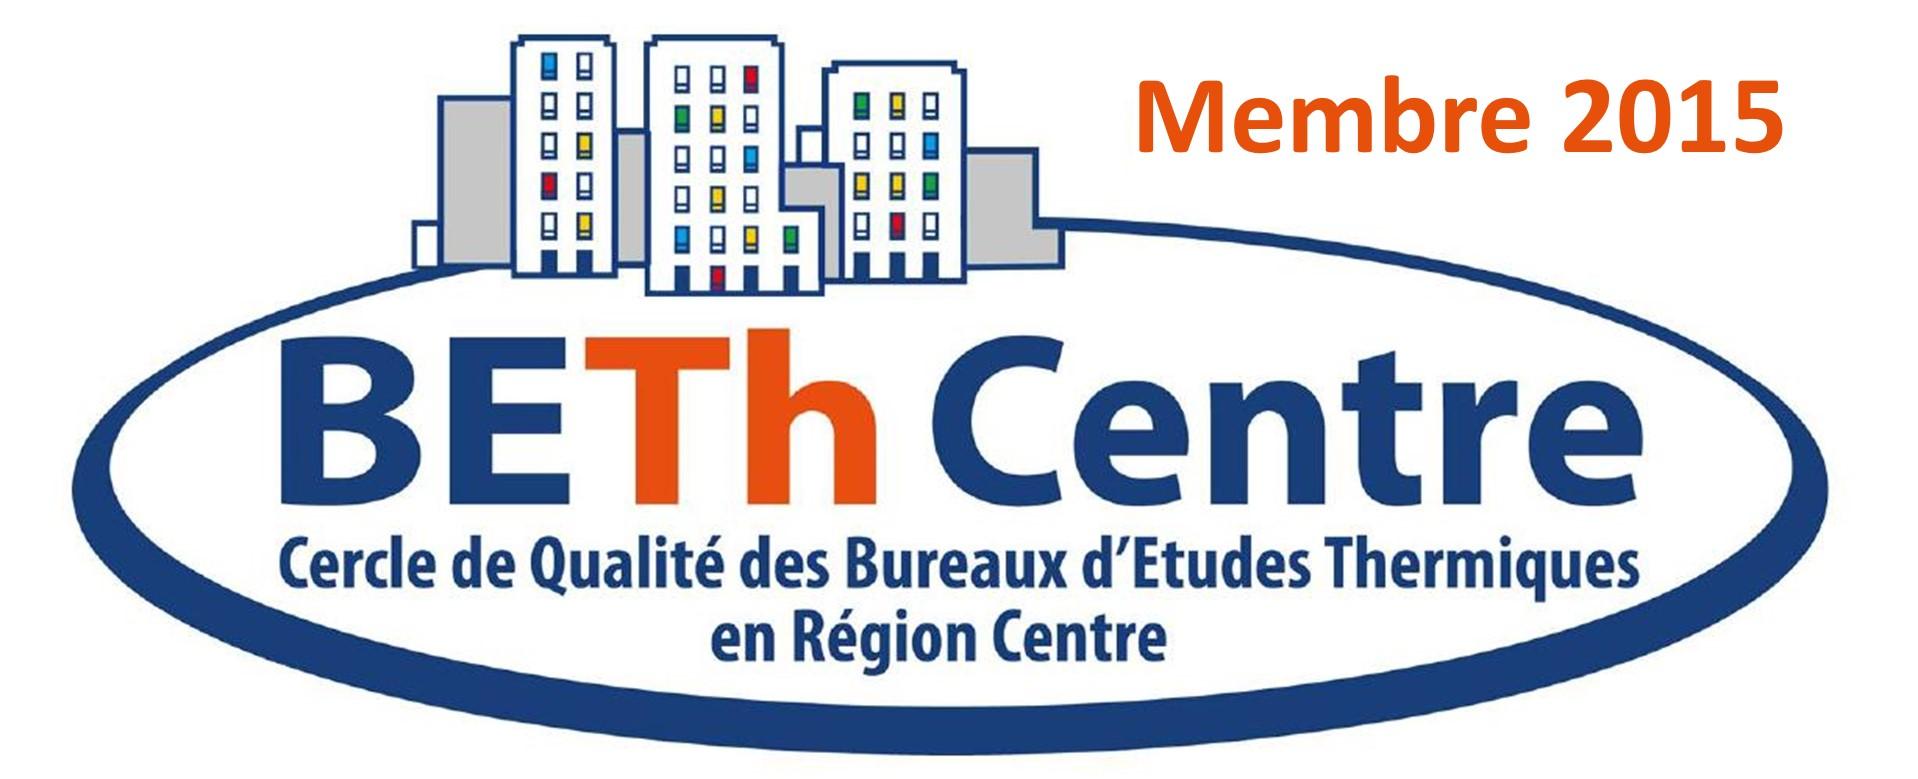 3éco Membre de l'action collective BETh membre 2015, bureau d'étude thermique, région centre, loir et cher, RT 2012, Audit énergétique, DPE